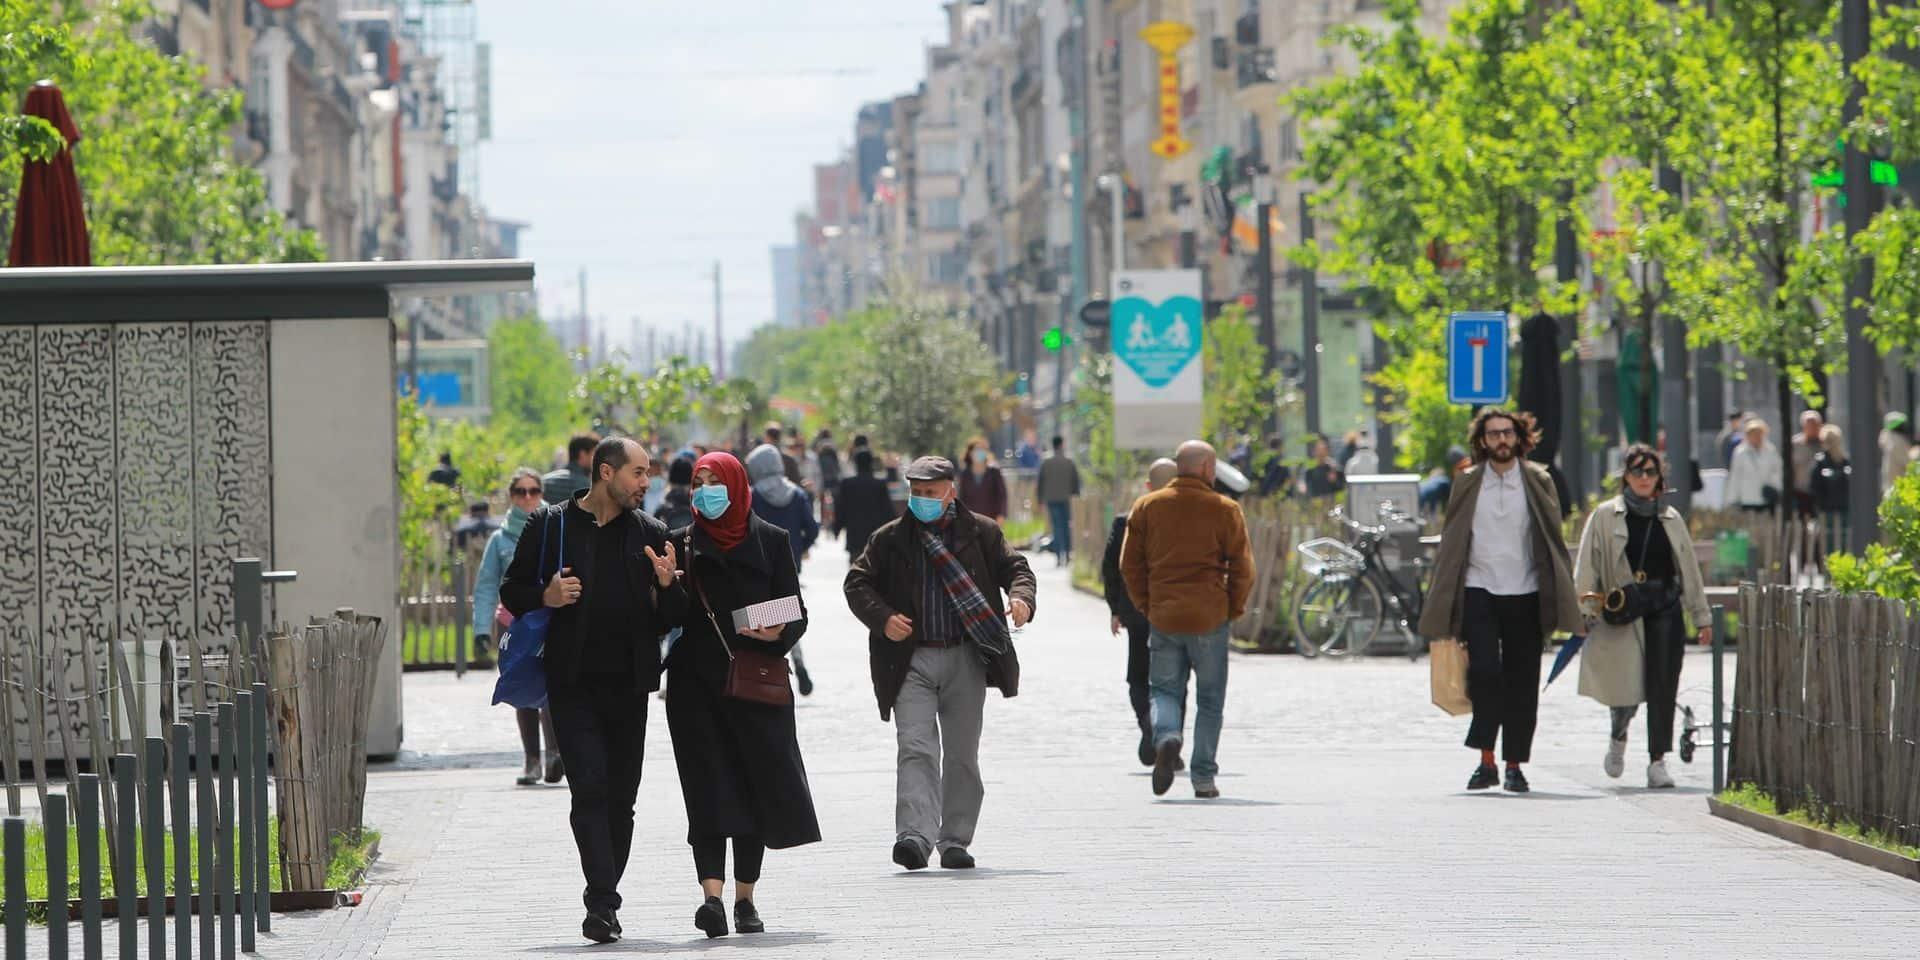 Bruxelles-Villes : le chantier du piétonnier est terminé